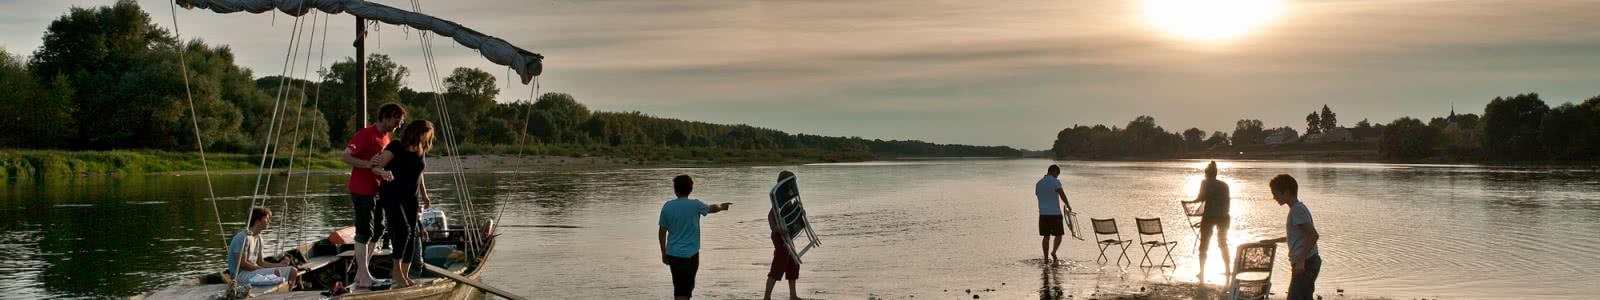 Balade sur la Loire au crépuscule avec l'association Milière Raboton - Chaumont-sur-Loire en Loir-et-Cher Val de Loire - Vacances en famille ou escapade amoureuse - 20 ans du classement Unesco du Val de Loire